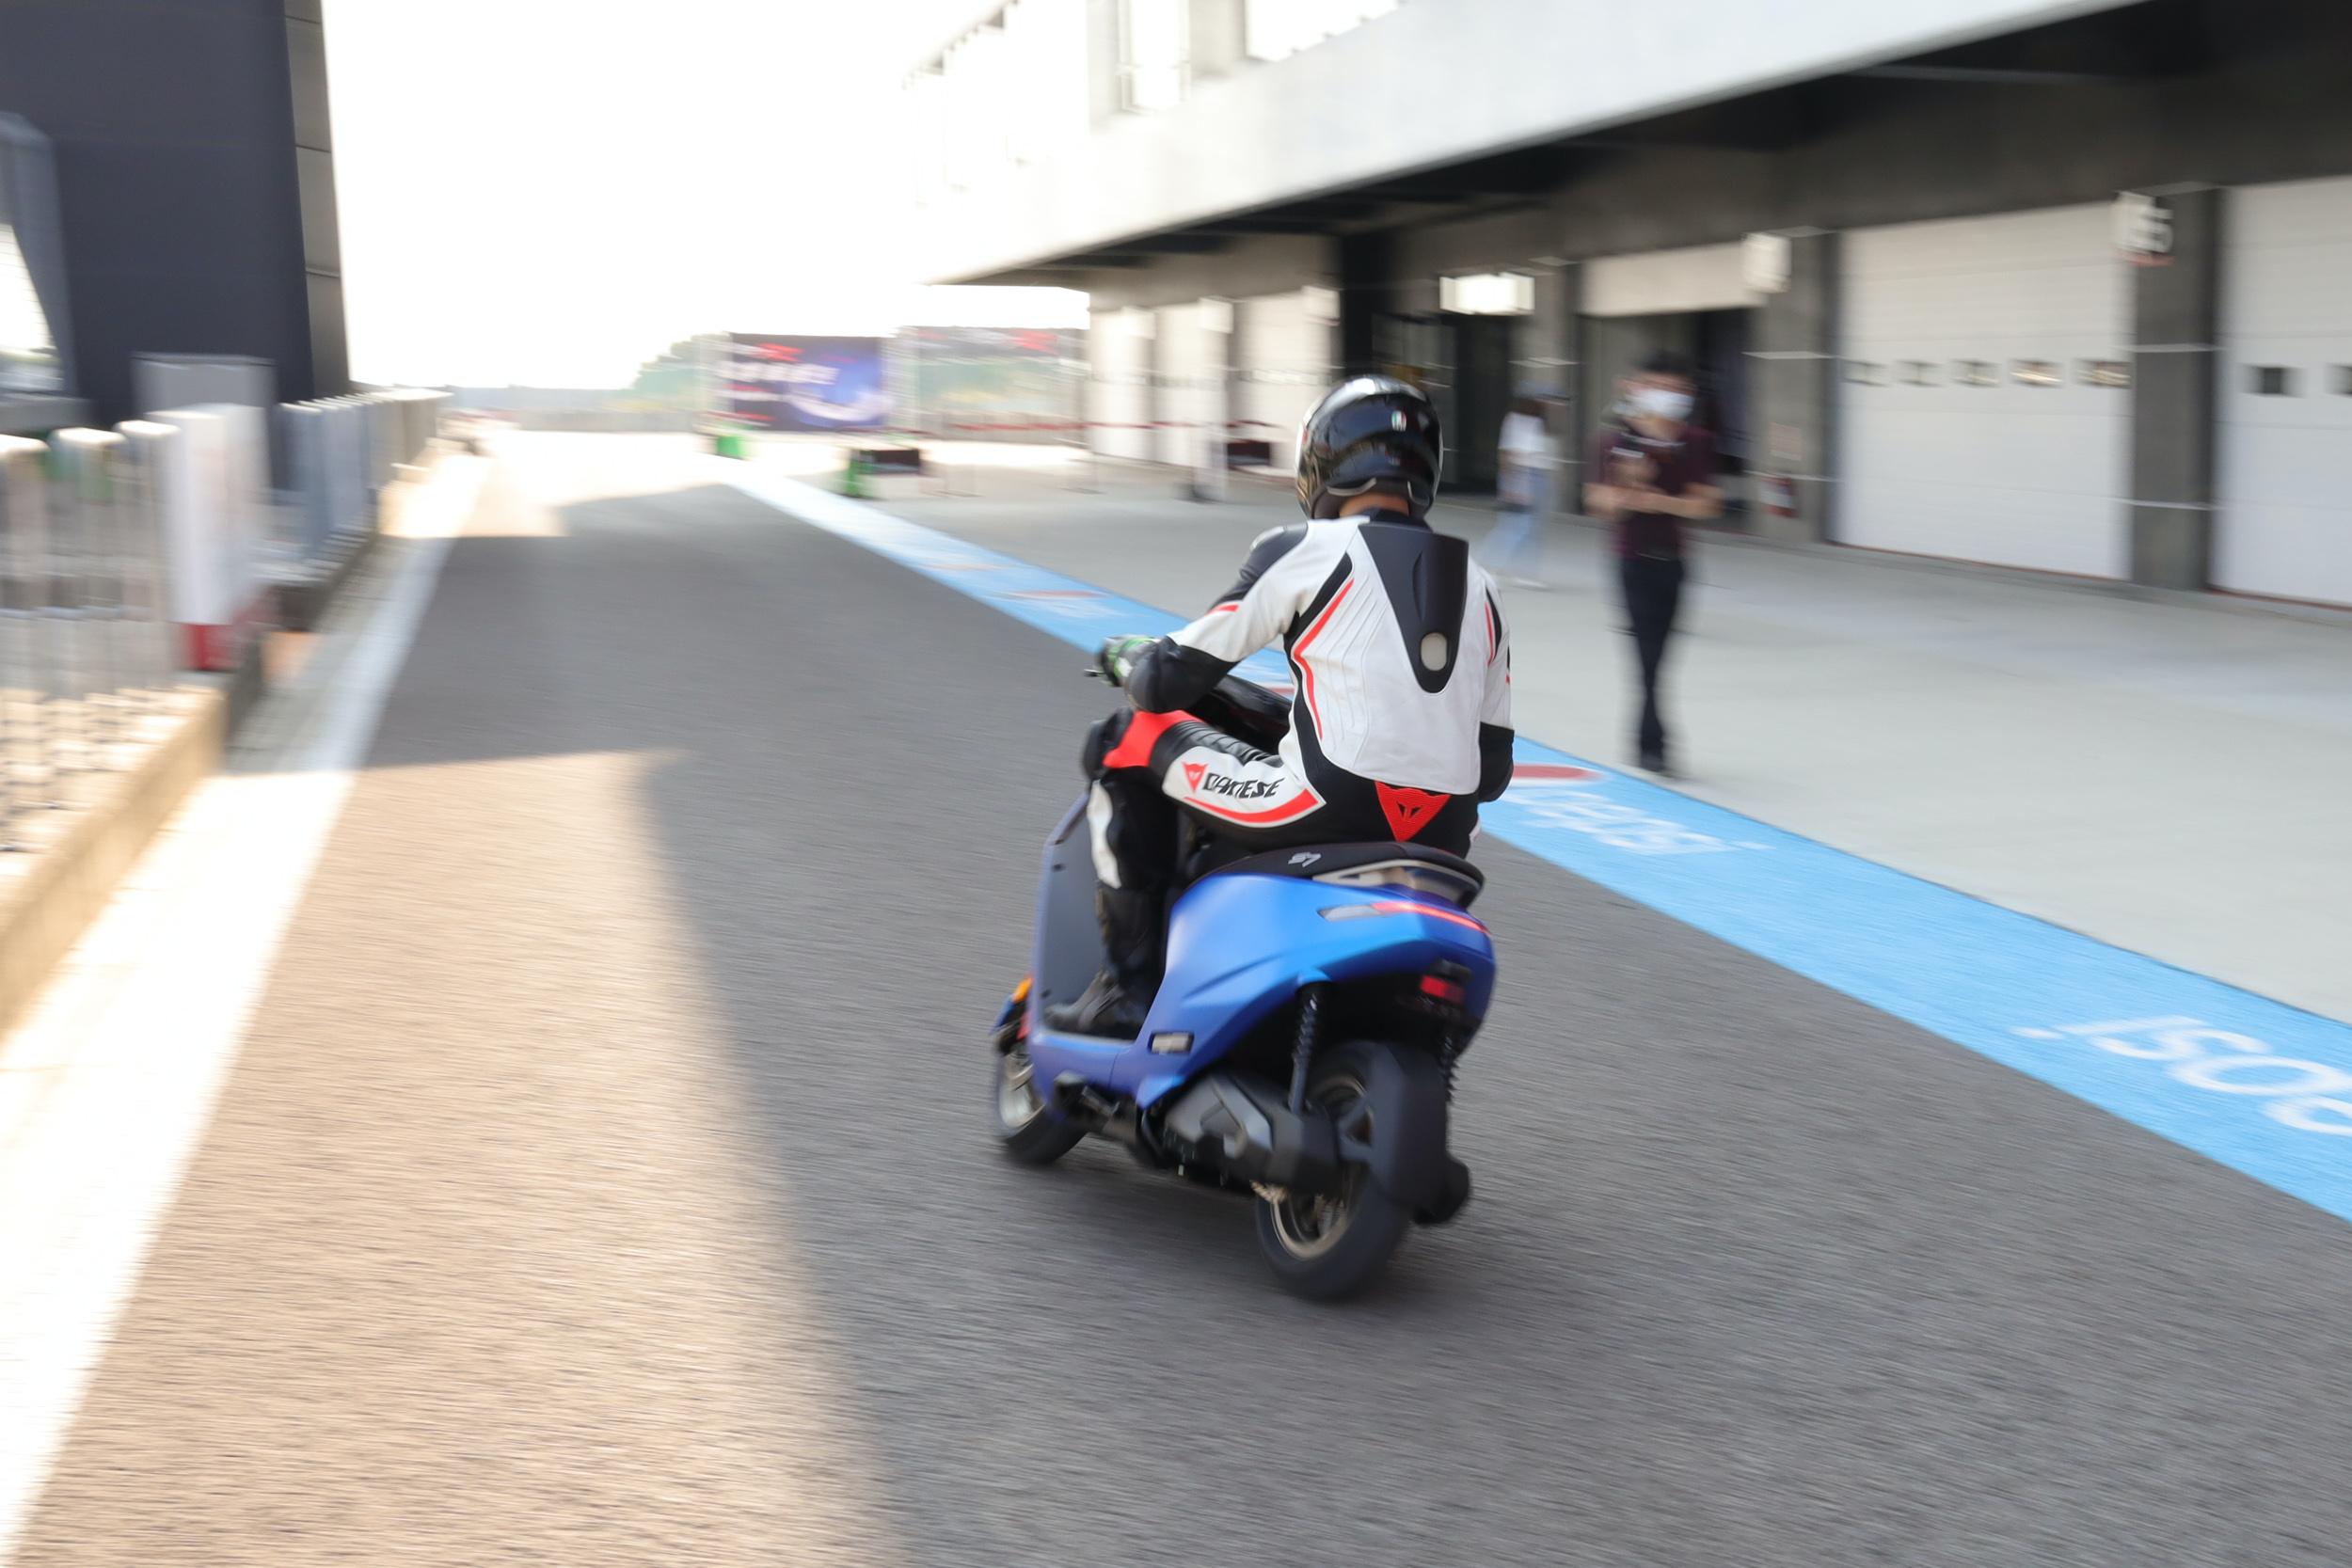 柯勝峯在國外期間曾接受過專業重機訓練機構的騎乘課程。